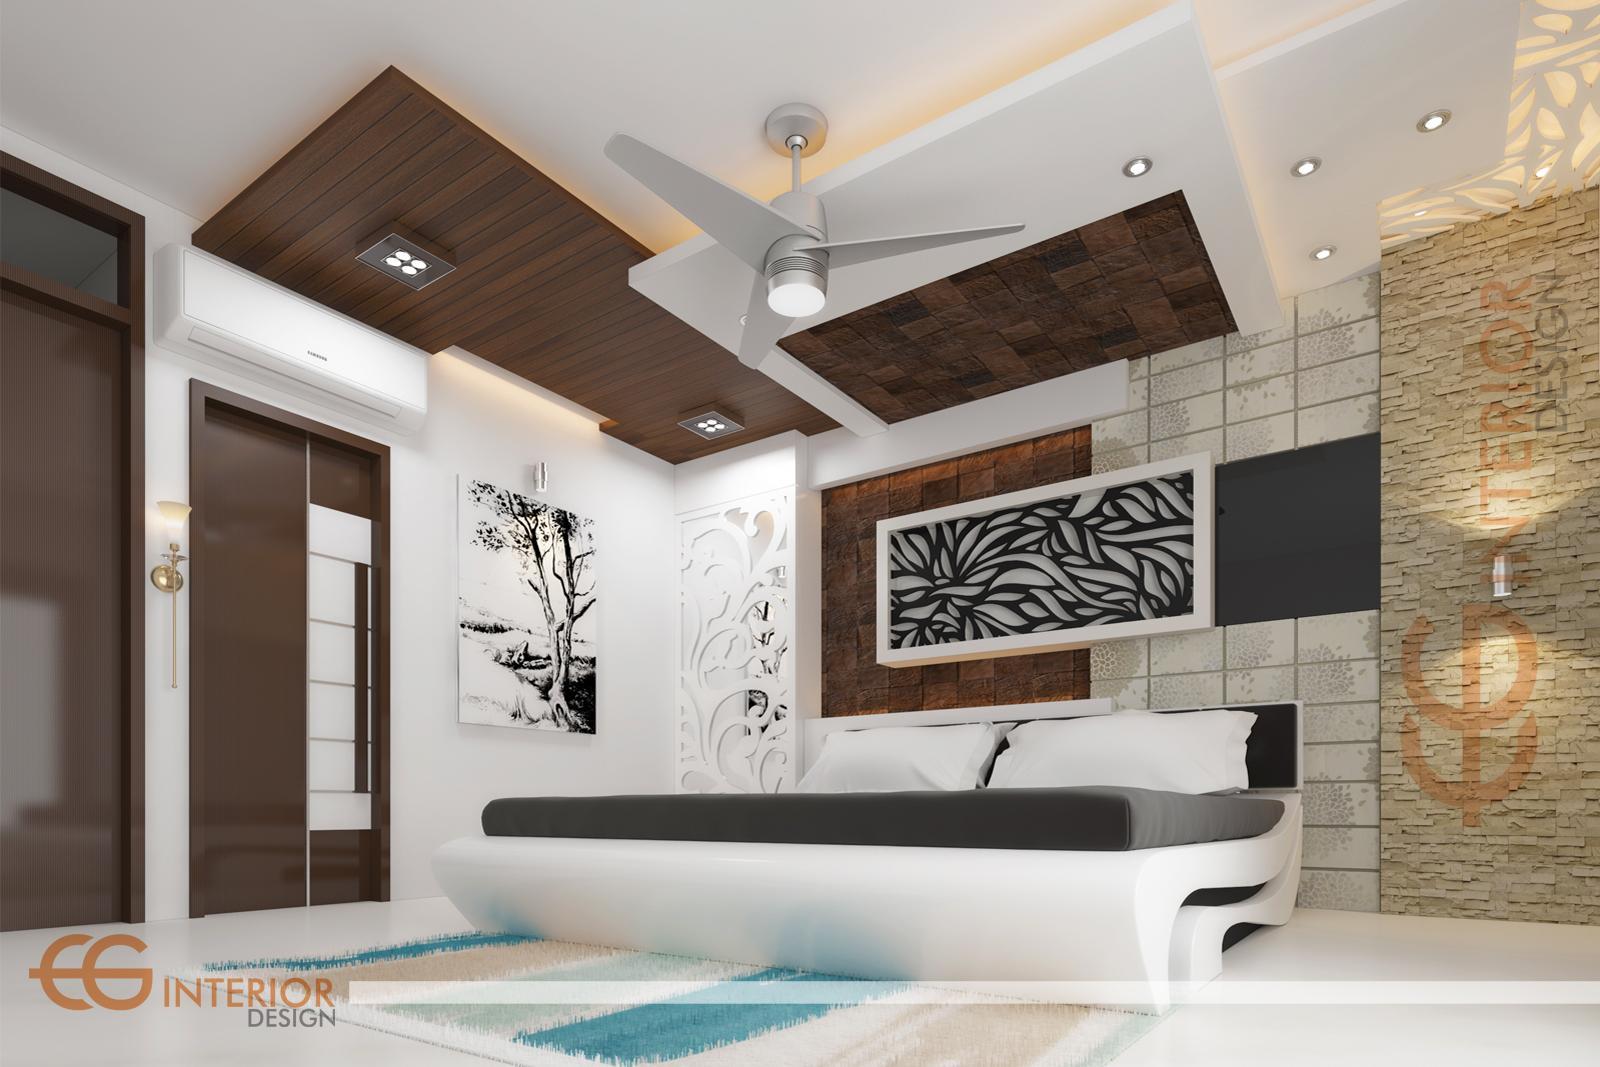 Interior Design In Kota